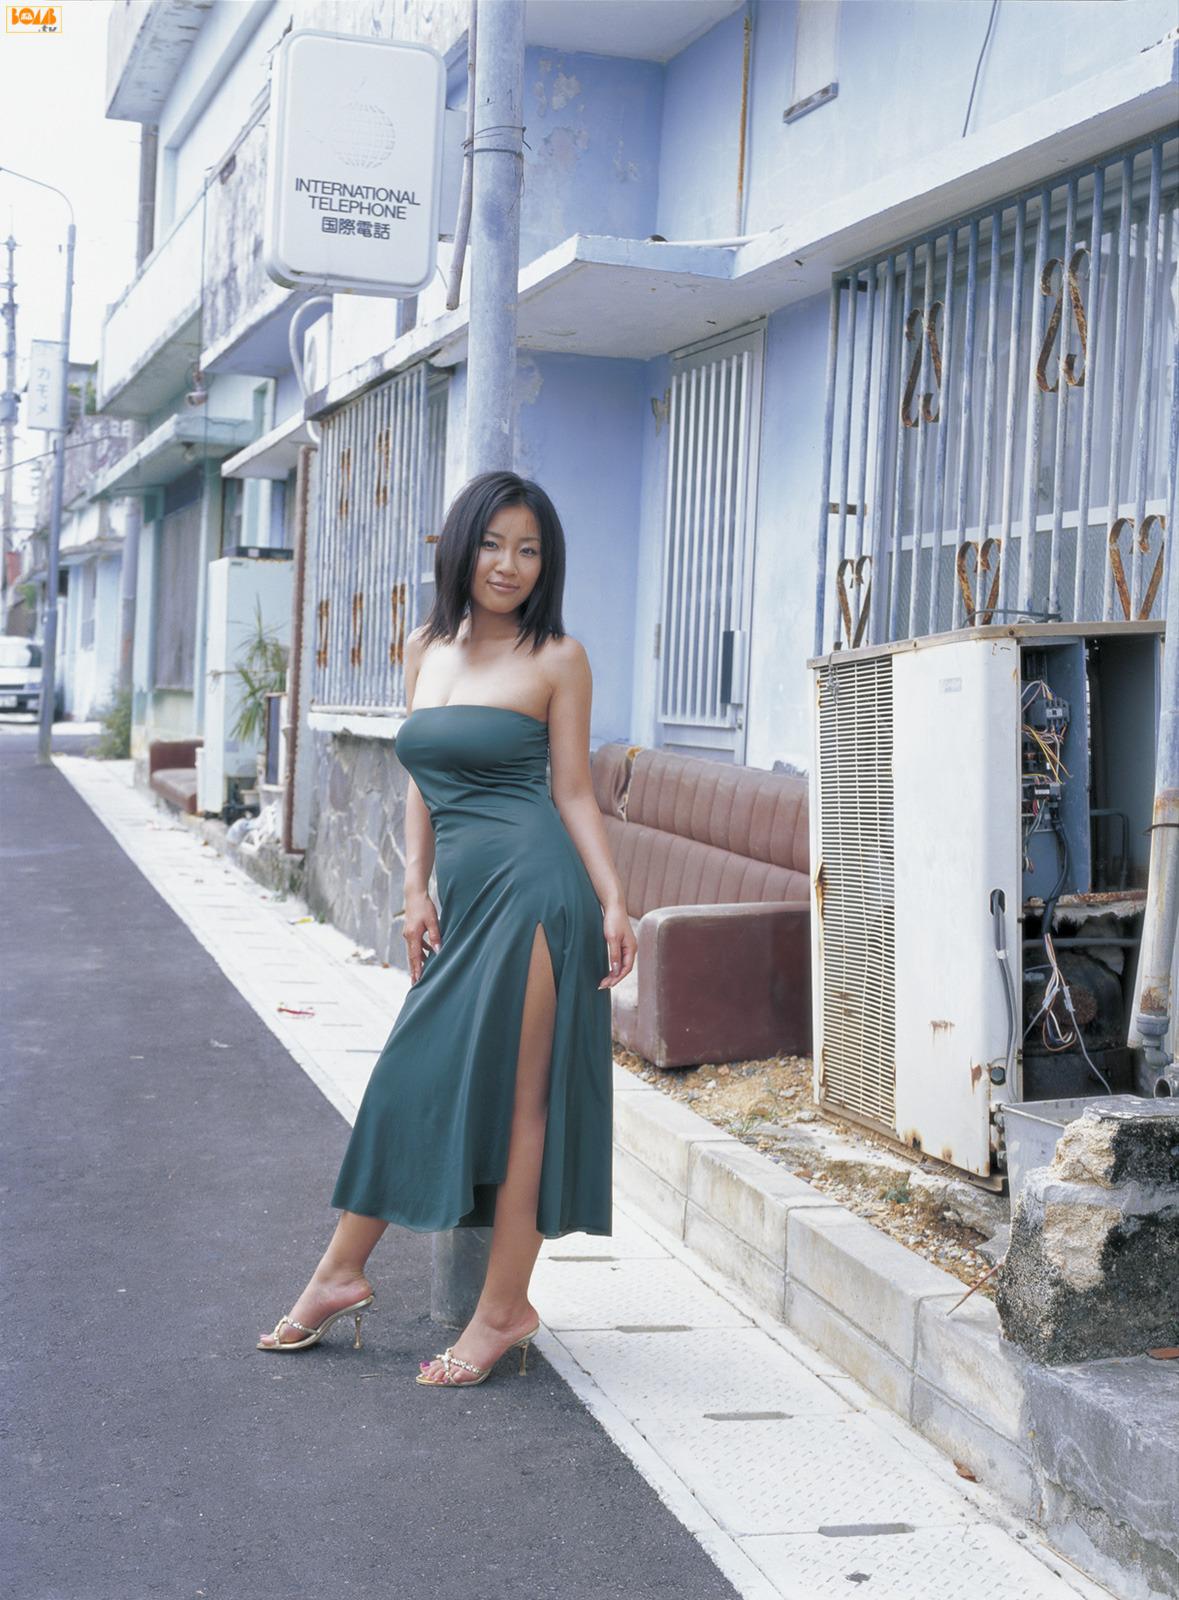 Japan bukkake dvd pic series